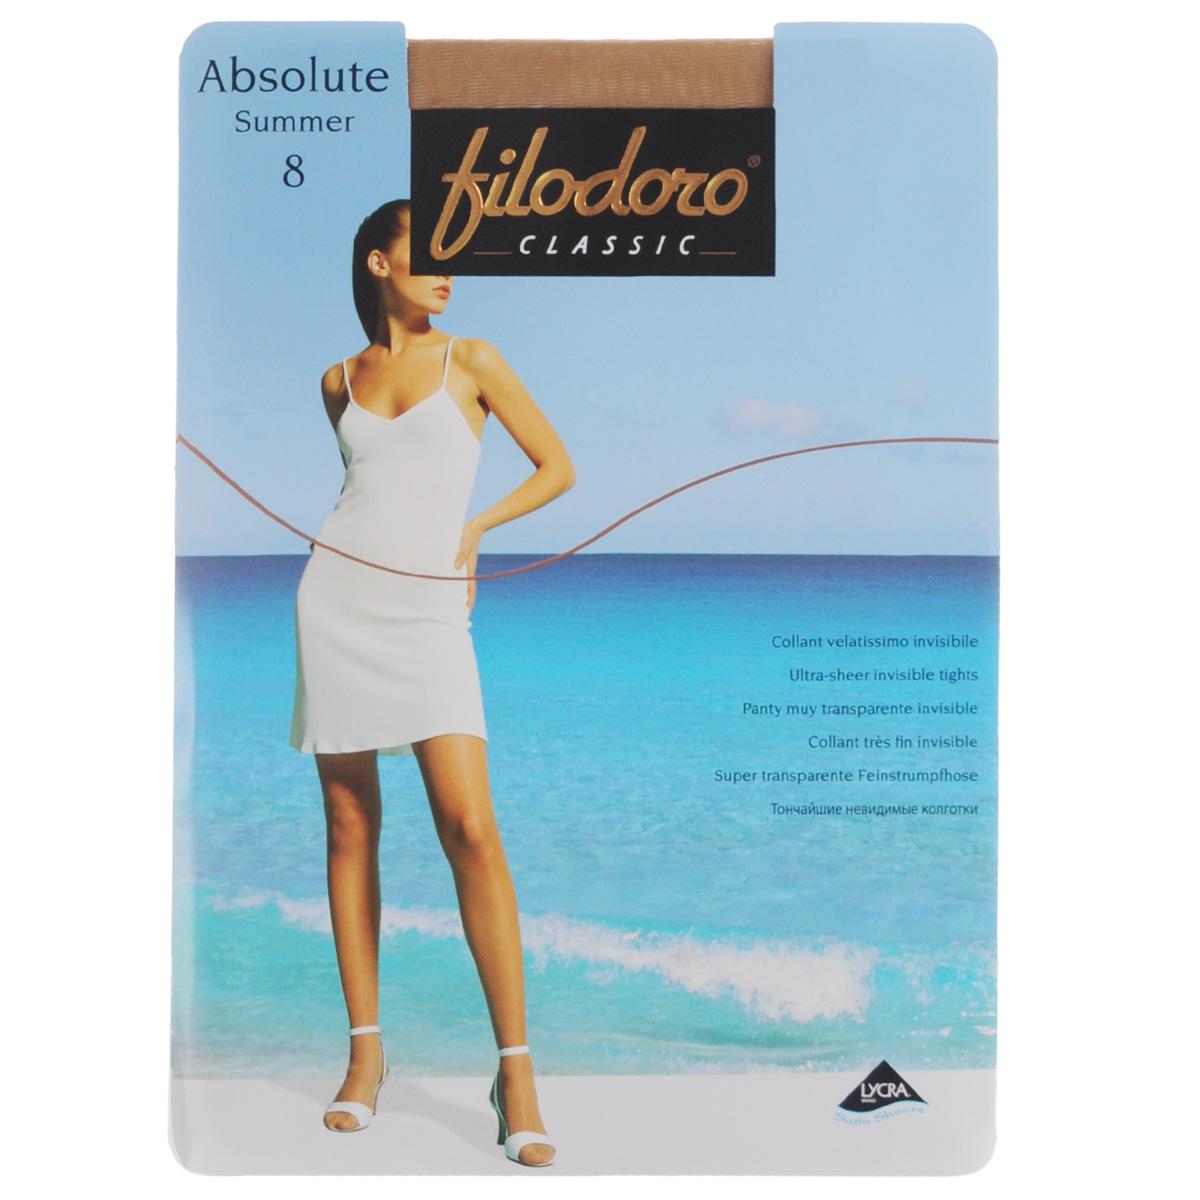 Колготки женские Absolute Summer 8. C109155FCC109155FCТончайшие эластичные колготки Filodoro Classic Absolute Summer, однородные по всей длине, с комфортными швами, гигиеничной ластовицей и невидимым мыском. Плотность: 8 den.